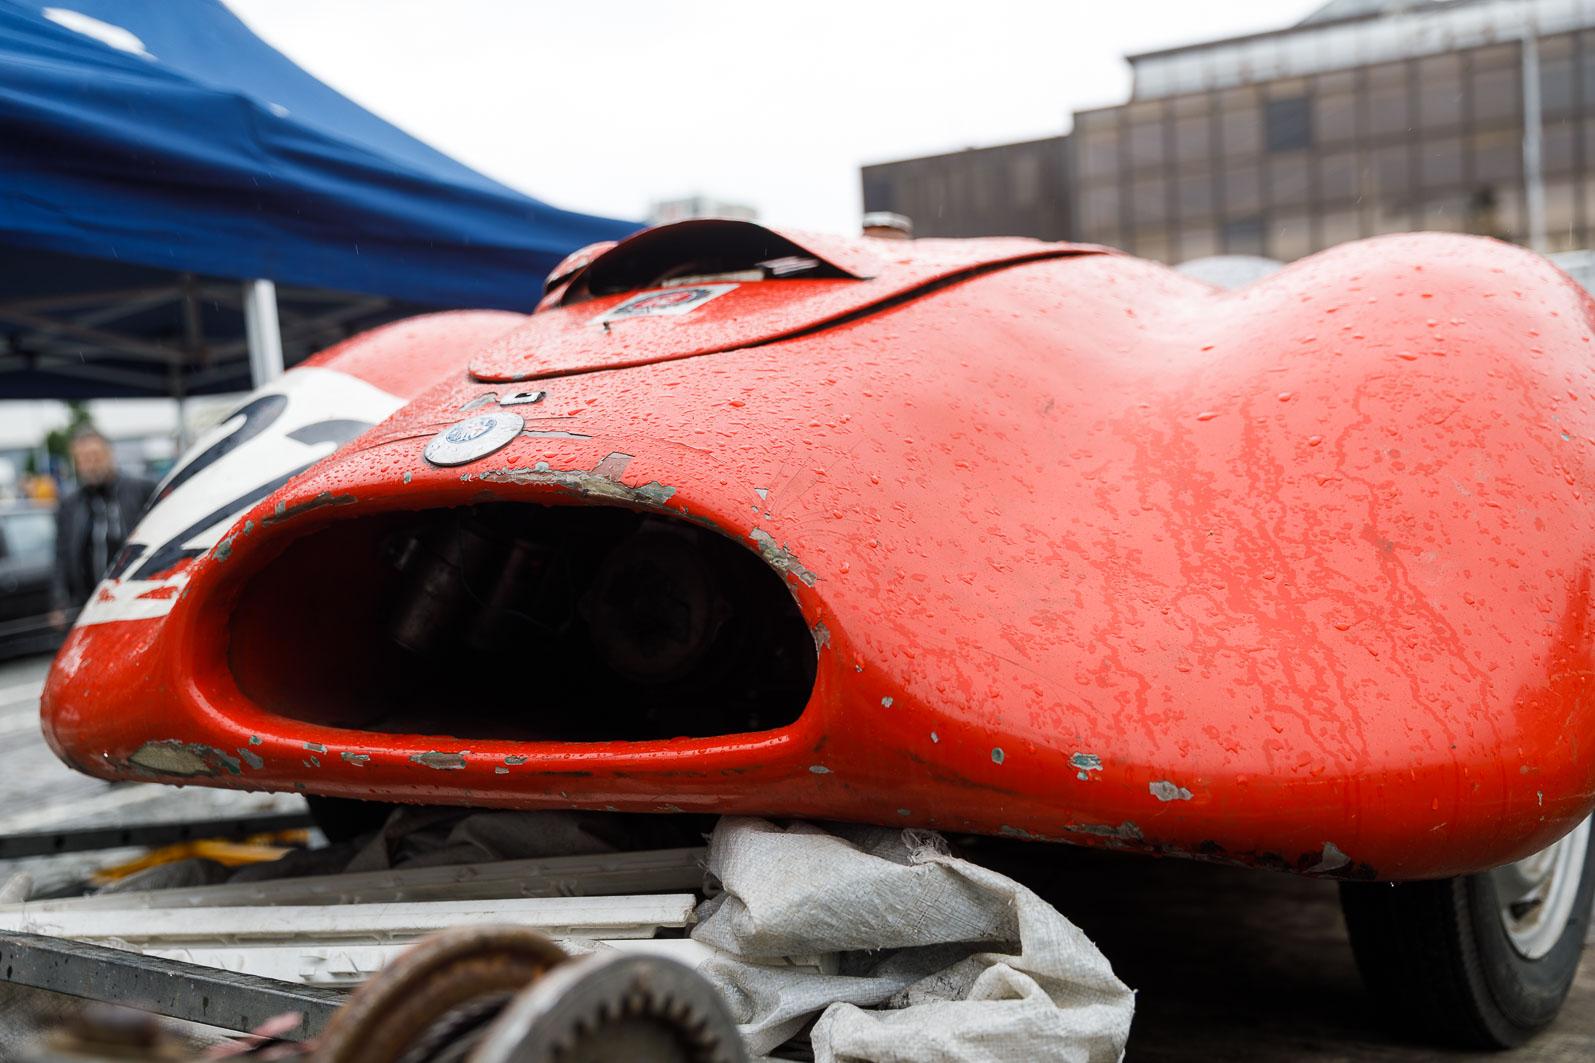 Na Revival Brno 2020 sa predviedol Talbot, ktorý zbiera svetové ocenenia gCKP9x8Kxz revival-8041